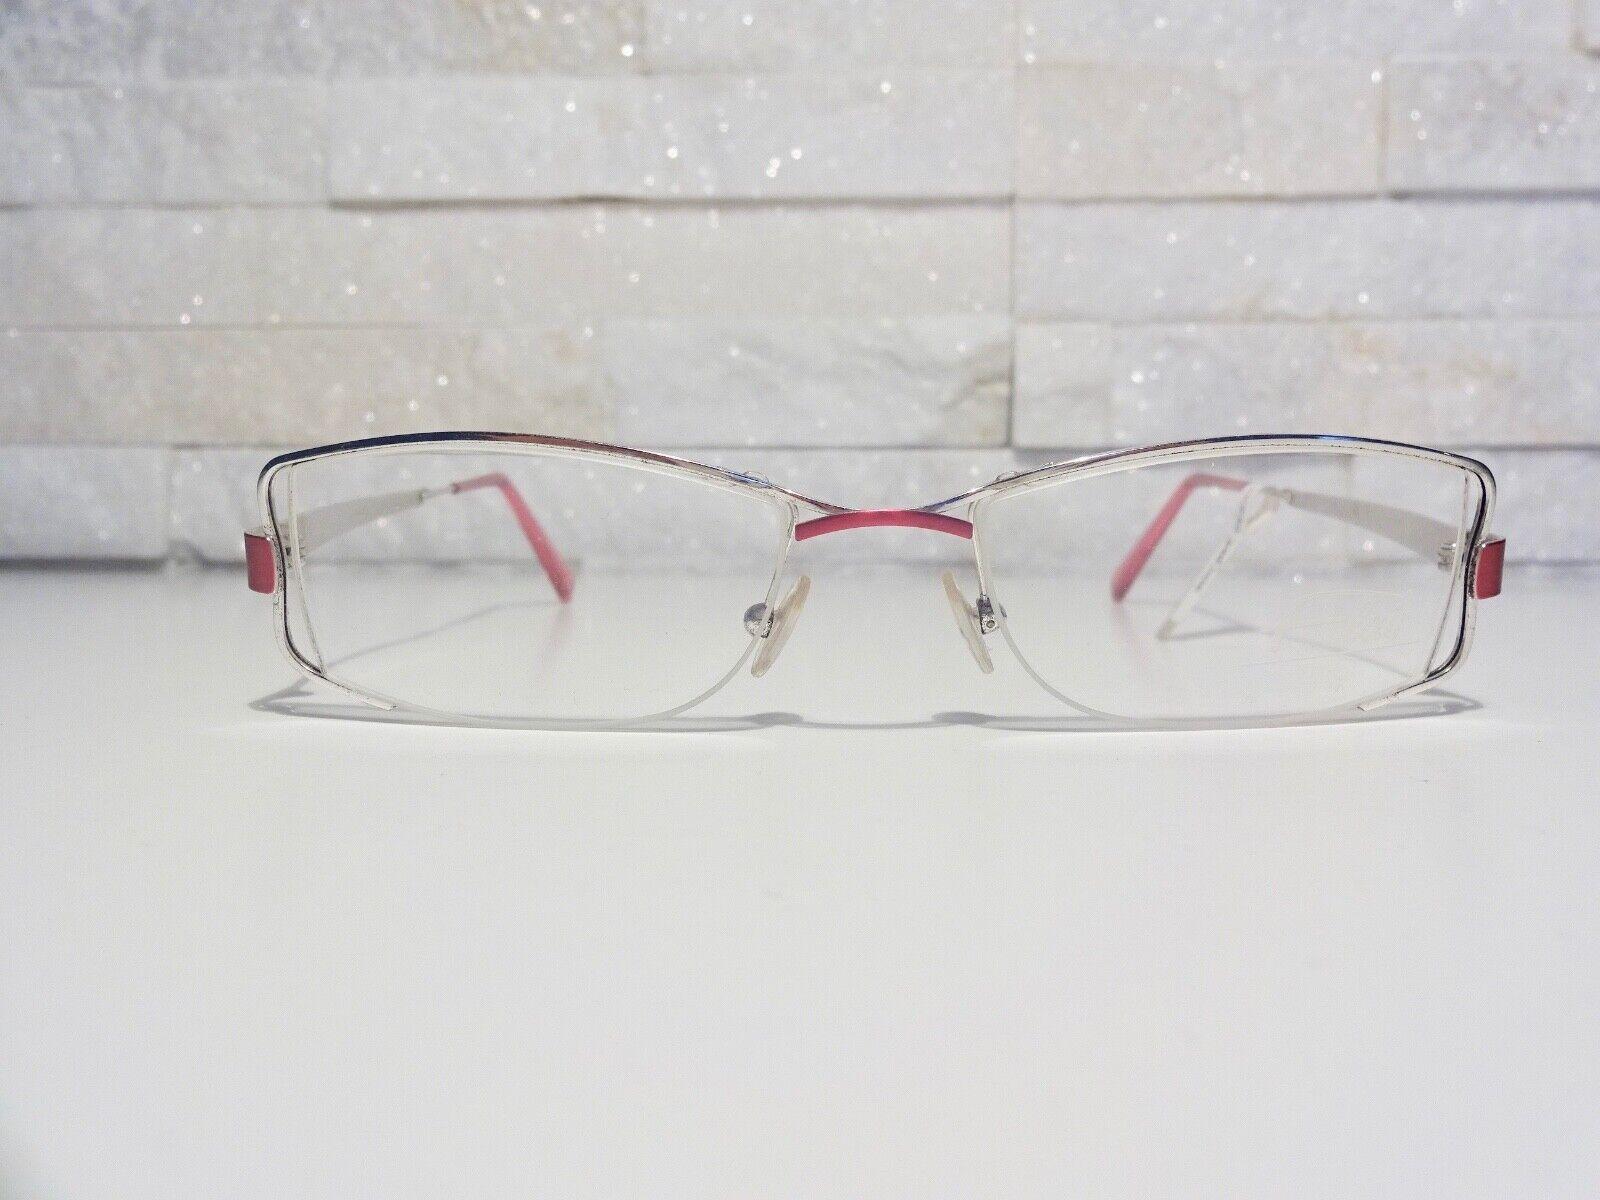 Flair Damen Brille Brillenfassung 852 Col. 517 Silber Pink NEU